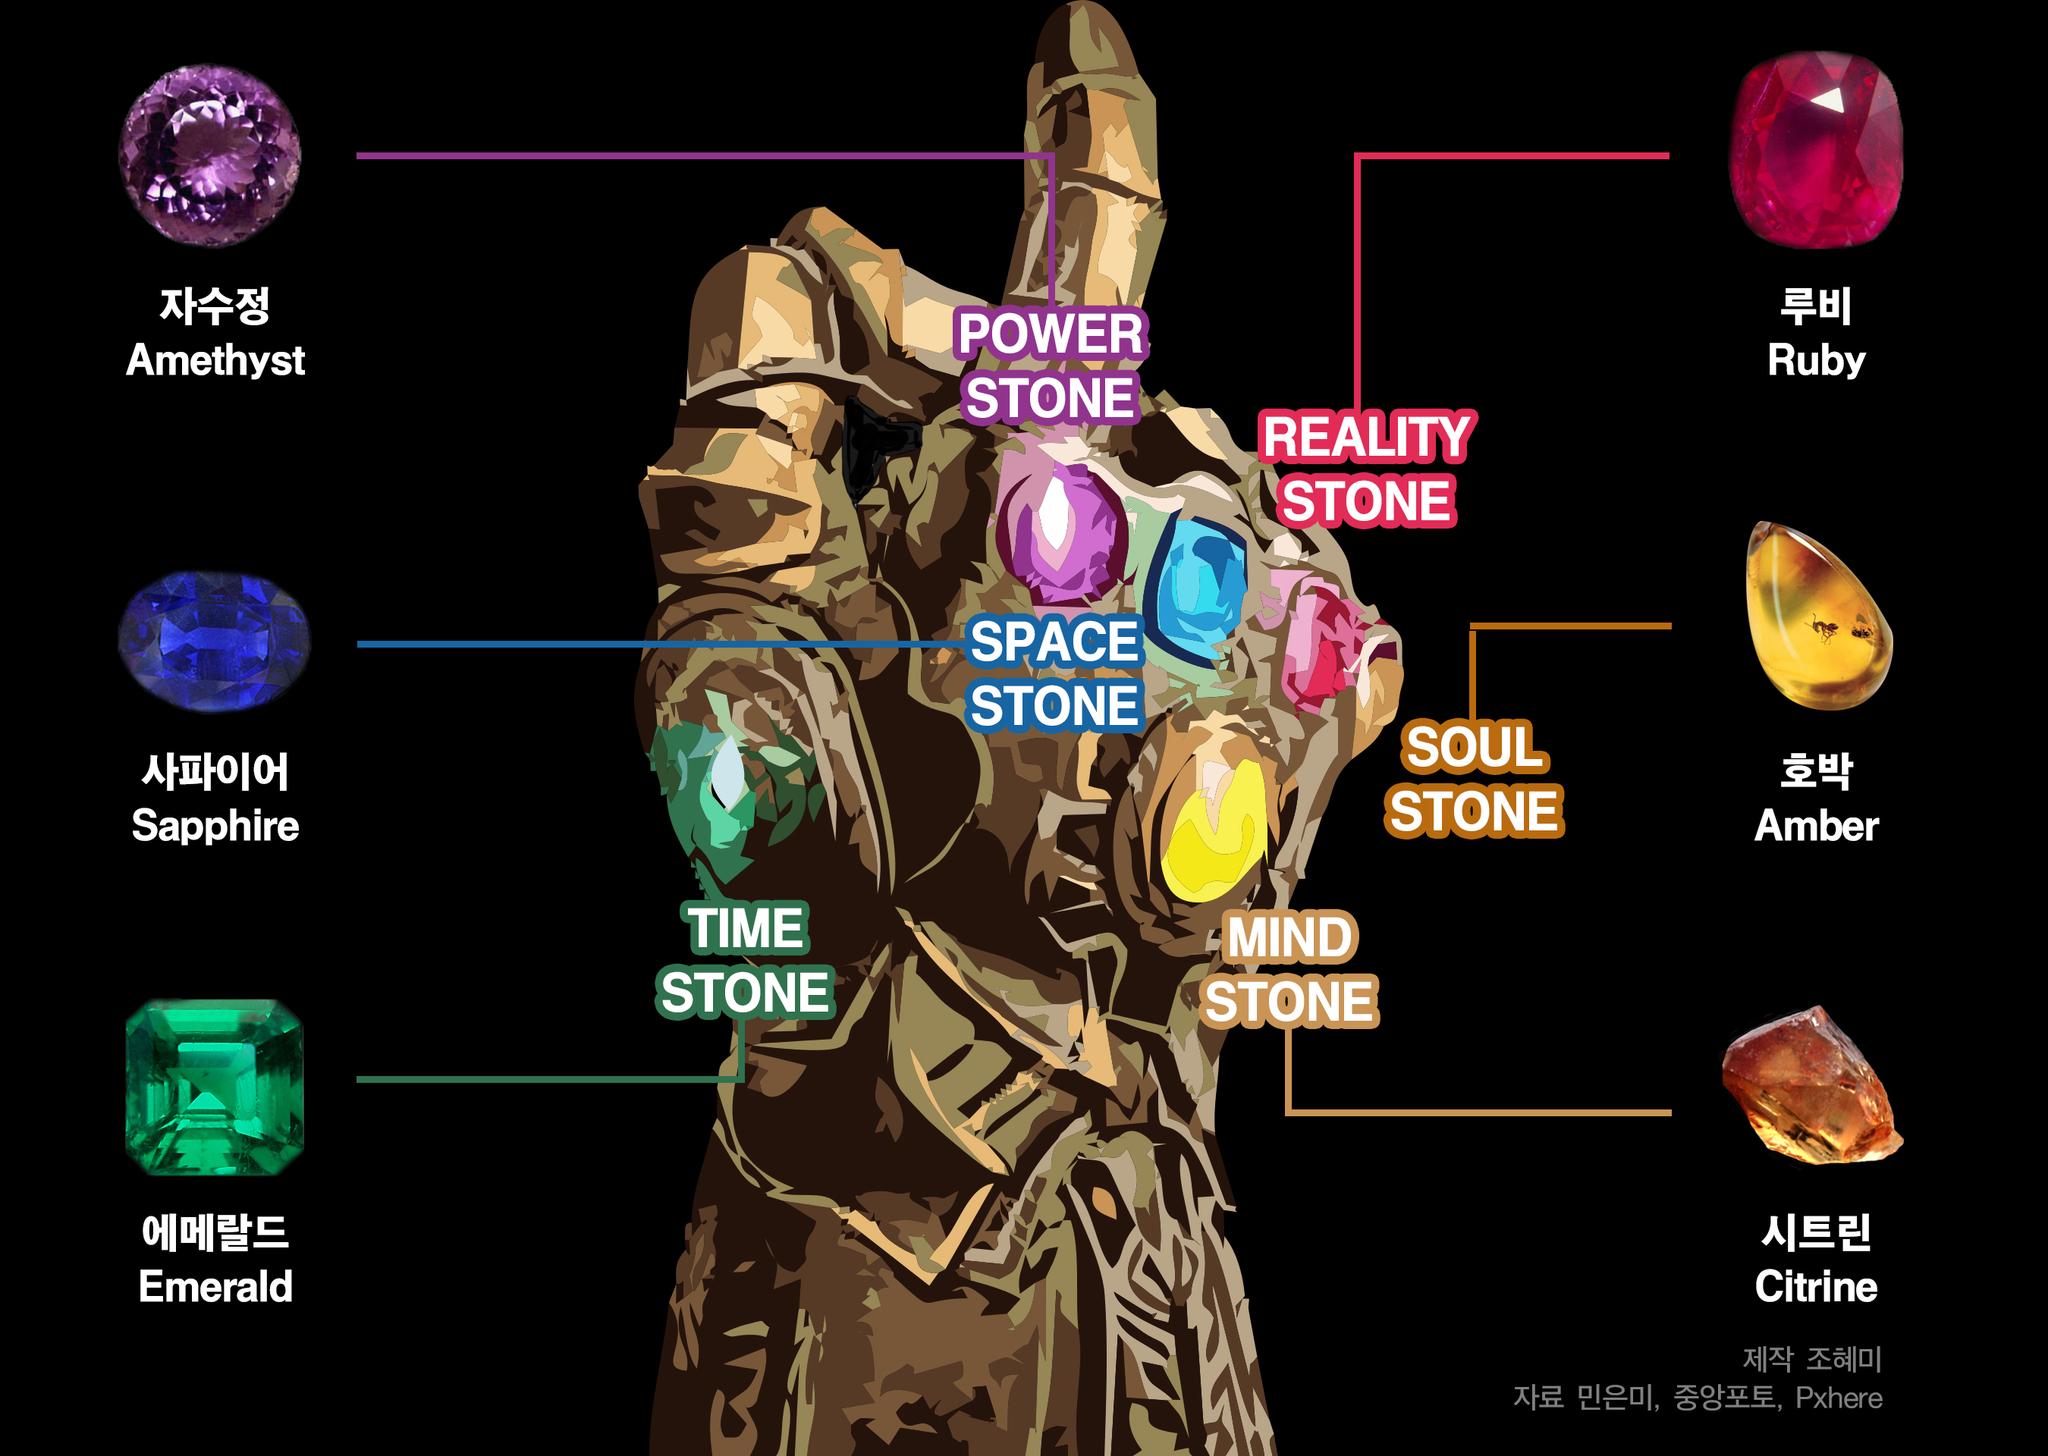 타노스의 장갑에 장착된 6개의 돌(인피니티 스톤)에 그 색상을 대표하는 보석을 매치했다. [제작 조혜미, 자료 민은미, 중앙포토, pxhere]